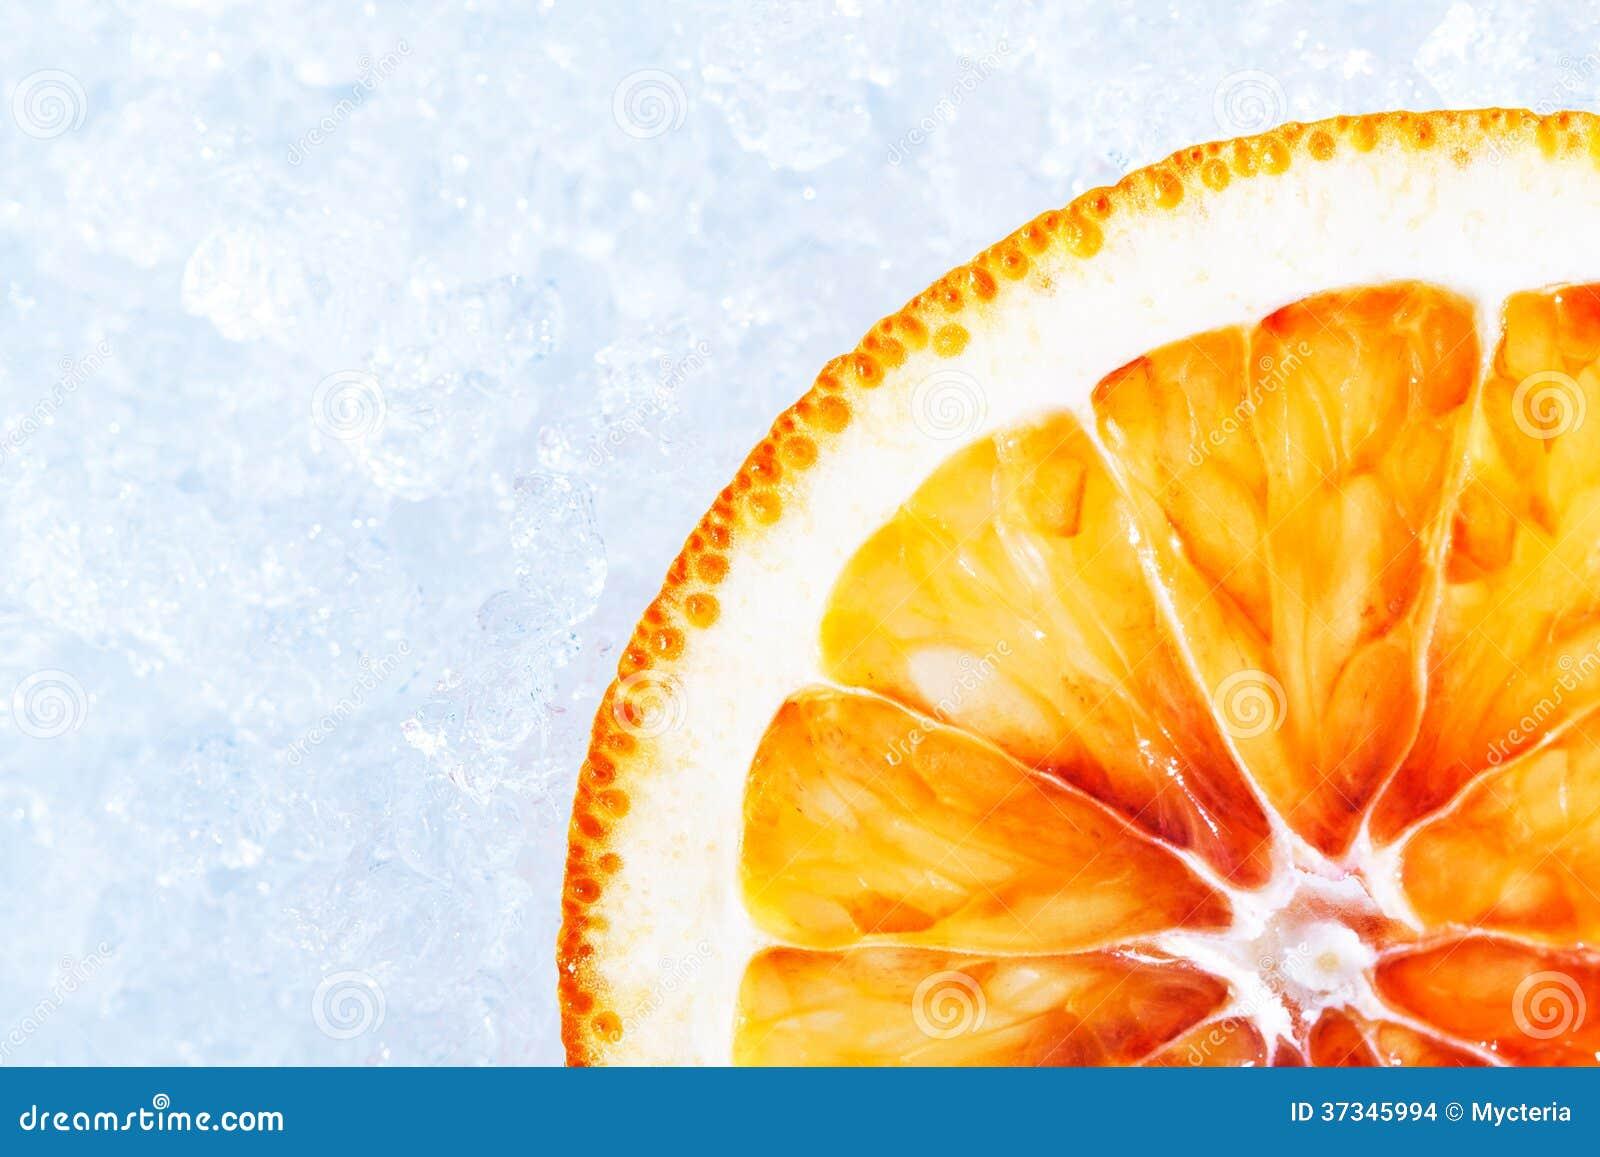 Apelsin på is